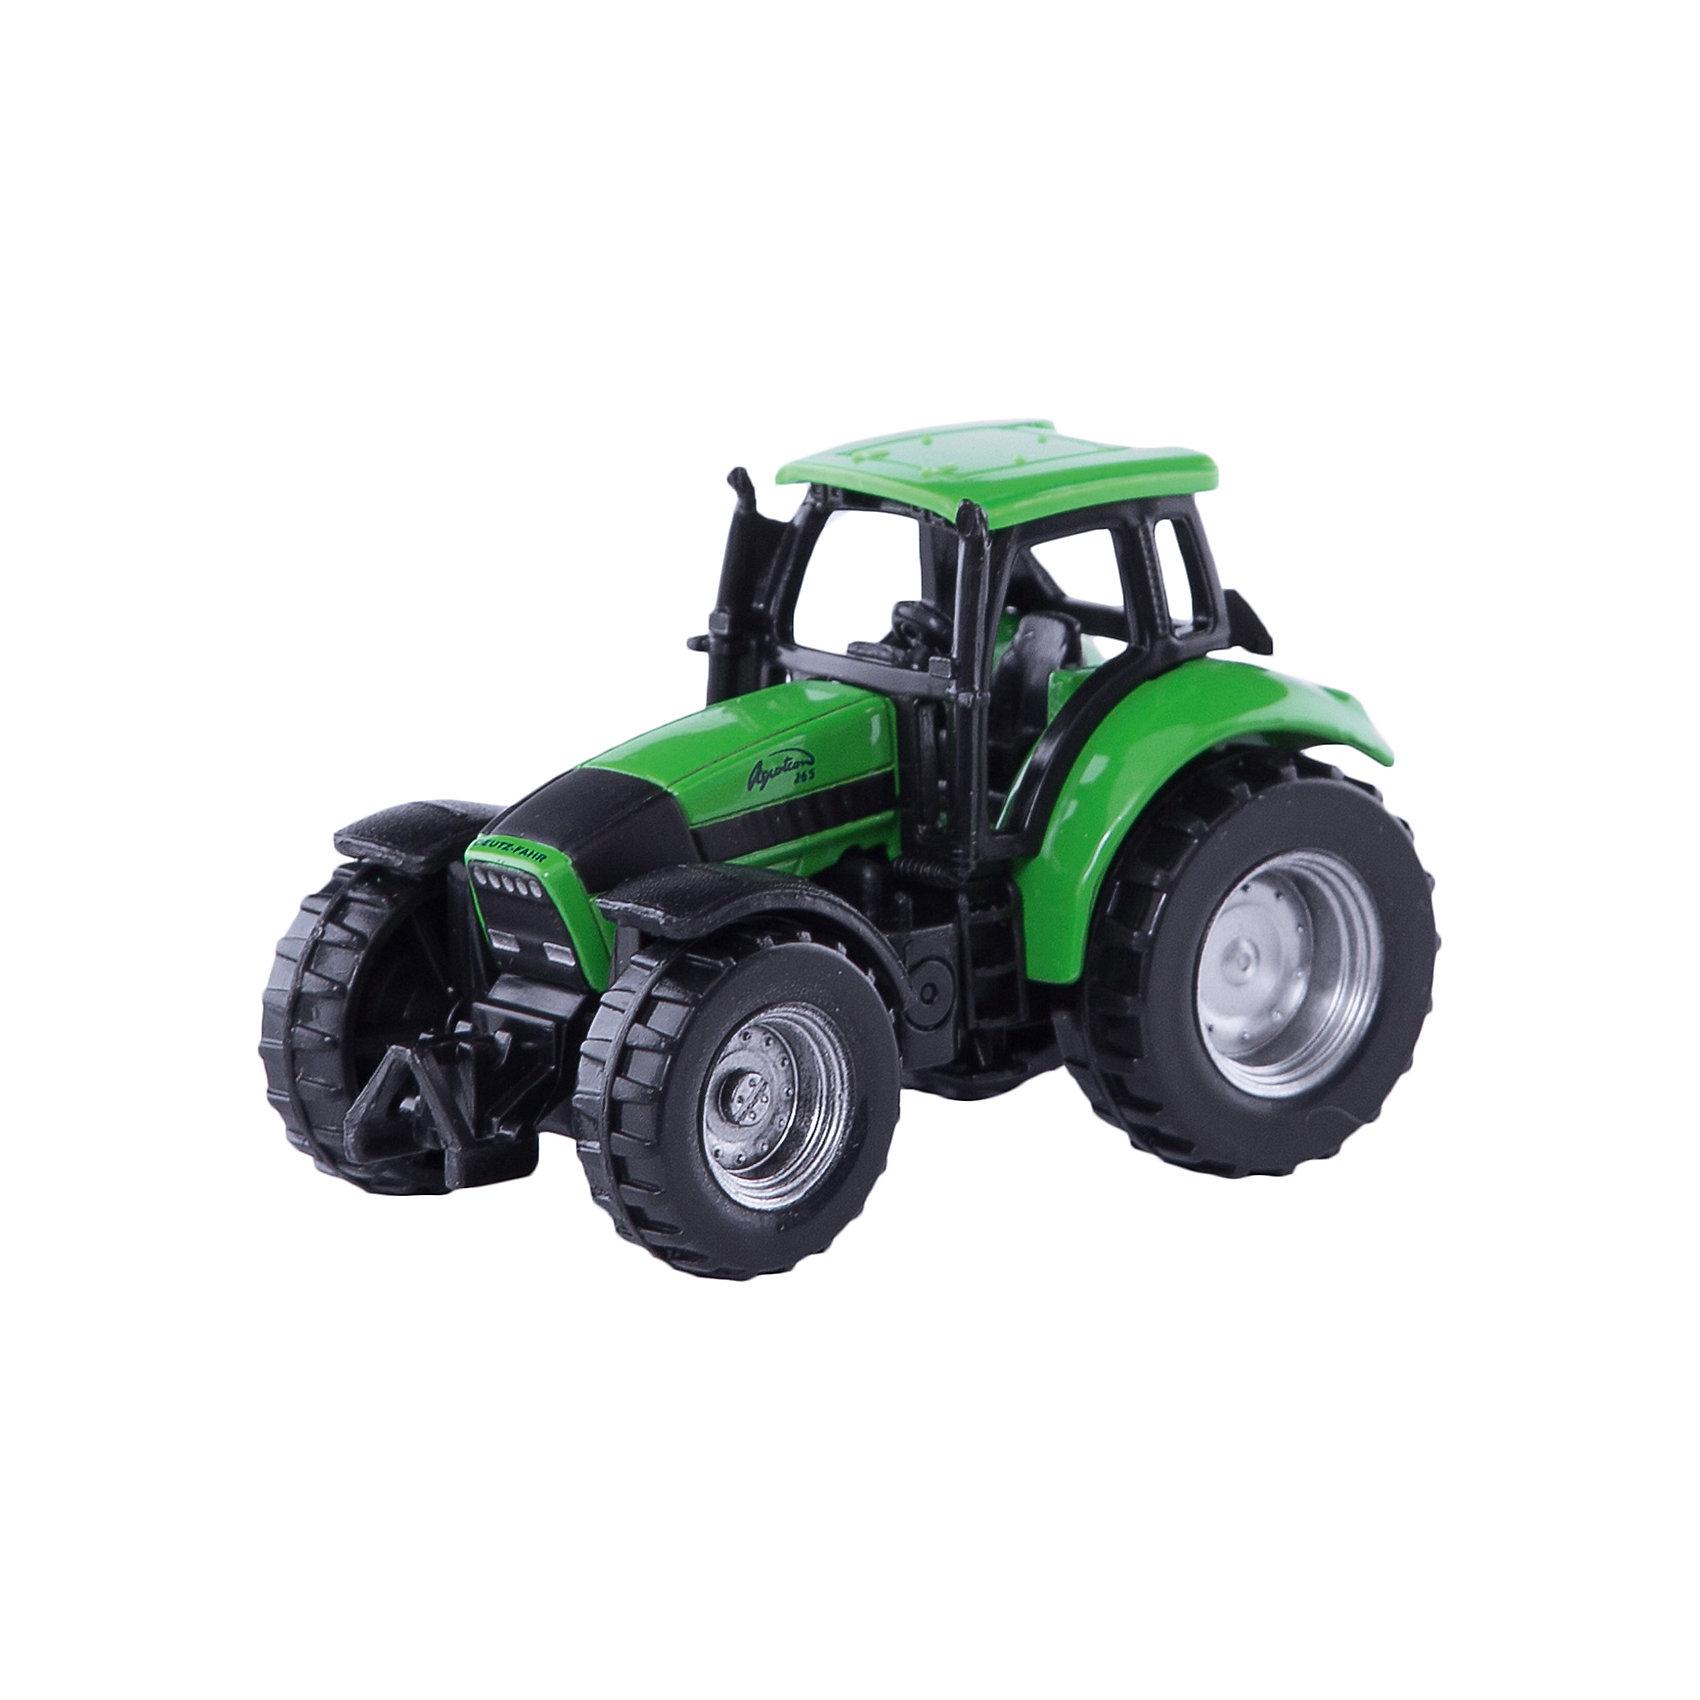 SIKU 0859 Трактор Deutz AgrotronSIKU (СИКУ) 0859 Трактор Deutz Agrotron обладает высоким уровнем детализации. Deutz-Fahr (Дотц-Фар)-один из крупнейших мировых производителей комбайнов, двигателей, сельскохозяйственного оборудования и, конечно же, тракторов. Серия Agrotron является одной из наиболее популярных линеек в модельном ряду тракторов компании Deutz-Fahr.<br><br>Корпус модели трактора выполнен из металла, кабина из пластика, колёса выполнены из пластика и вращаются, можно катать. Модель оснащена мощными колесами с рифлеными шинами и обладает хорошим сцеплением даже со скользкой поверхностью. Модель отлично сбалансирована и хорошо разгоняется от незначительного толчка рукой.<br><br>Дополнительная информация:<br>-Размер: 7,0 x 3,5 x 4,5 см<br>-Материал: металл, пластмасса<br><br>Игра с моделями тракторов SIKU (СИКУ) развивает воображение, мышление, память, мелкую моторику рук и координацию движений детей.<br><br>SIKU (СИКУ) 0859 Трактор Deutz Agrotron можно купить в нашем магазине.<br><br>Ширина мм: 97<br>Глубина мм: 78<br>Высота мм: 38<br>Вес г: 50<br>Возраст от месяцев: 36<br>Возраст до месяцев: 96<br>Пол: Мужской<br>Возраст: Детский<br>SKU: 1519981